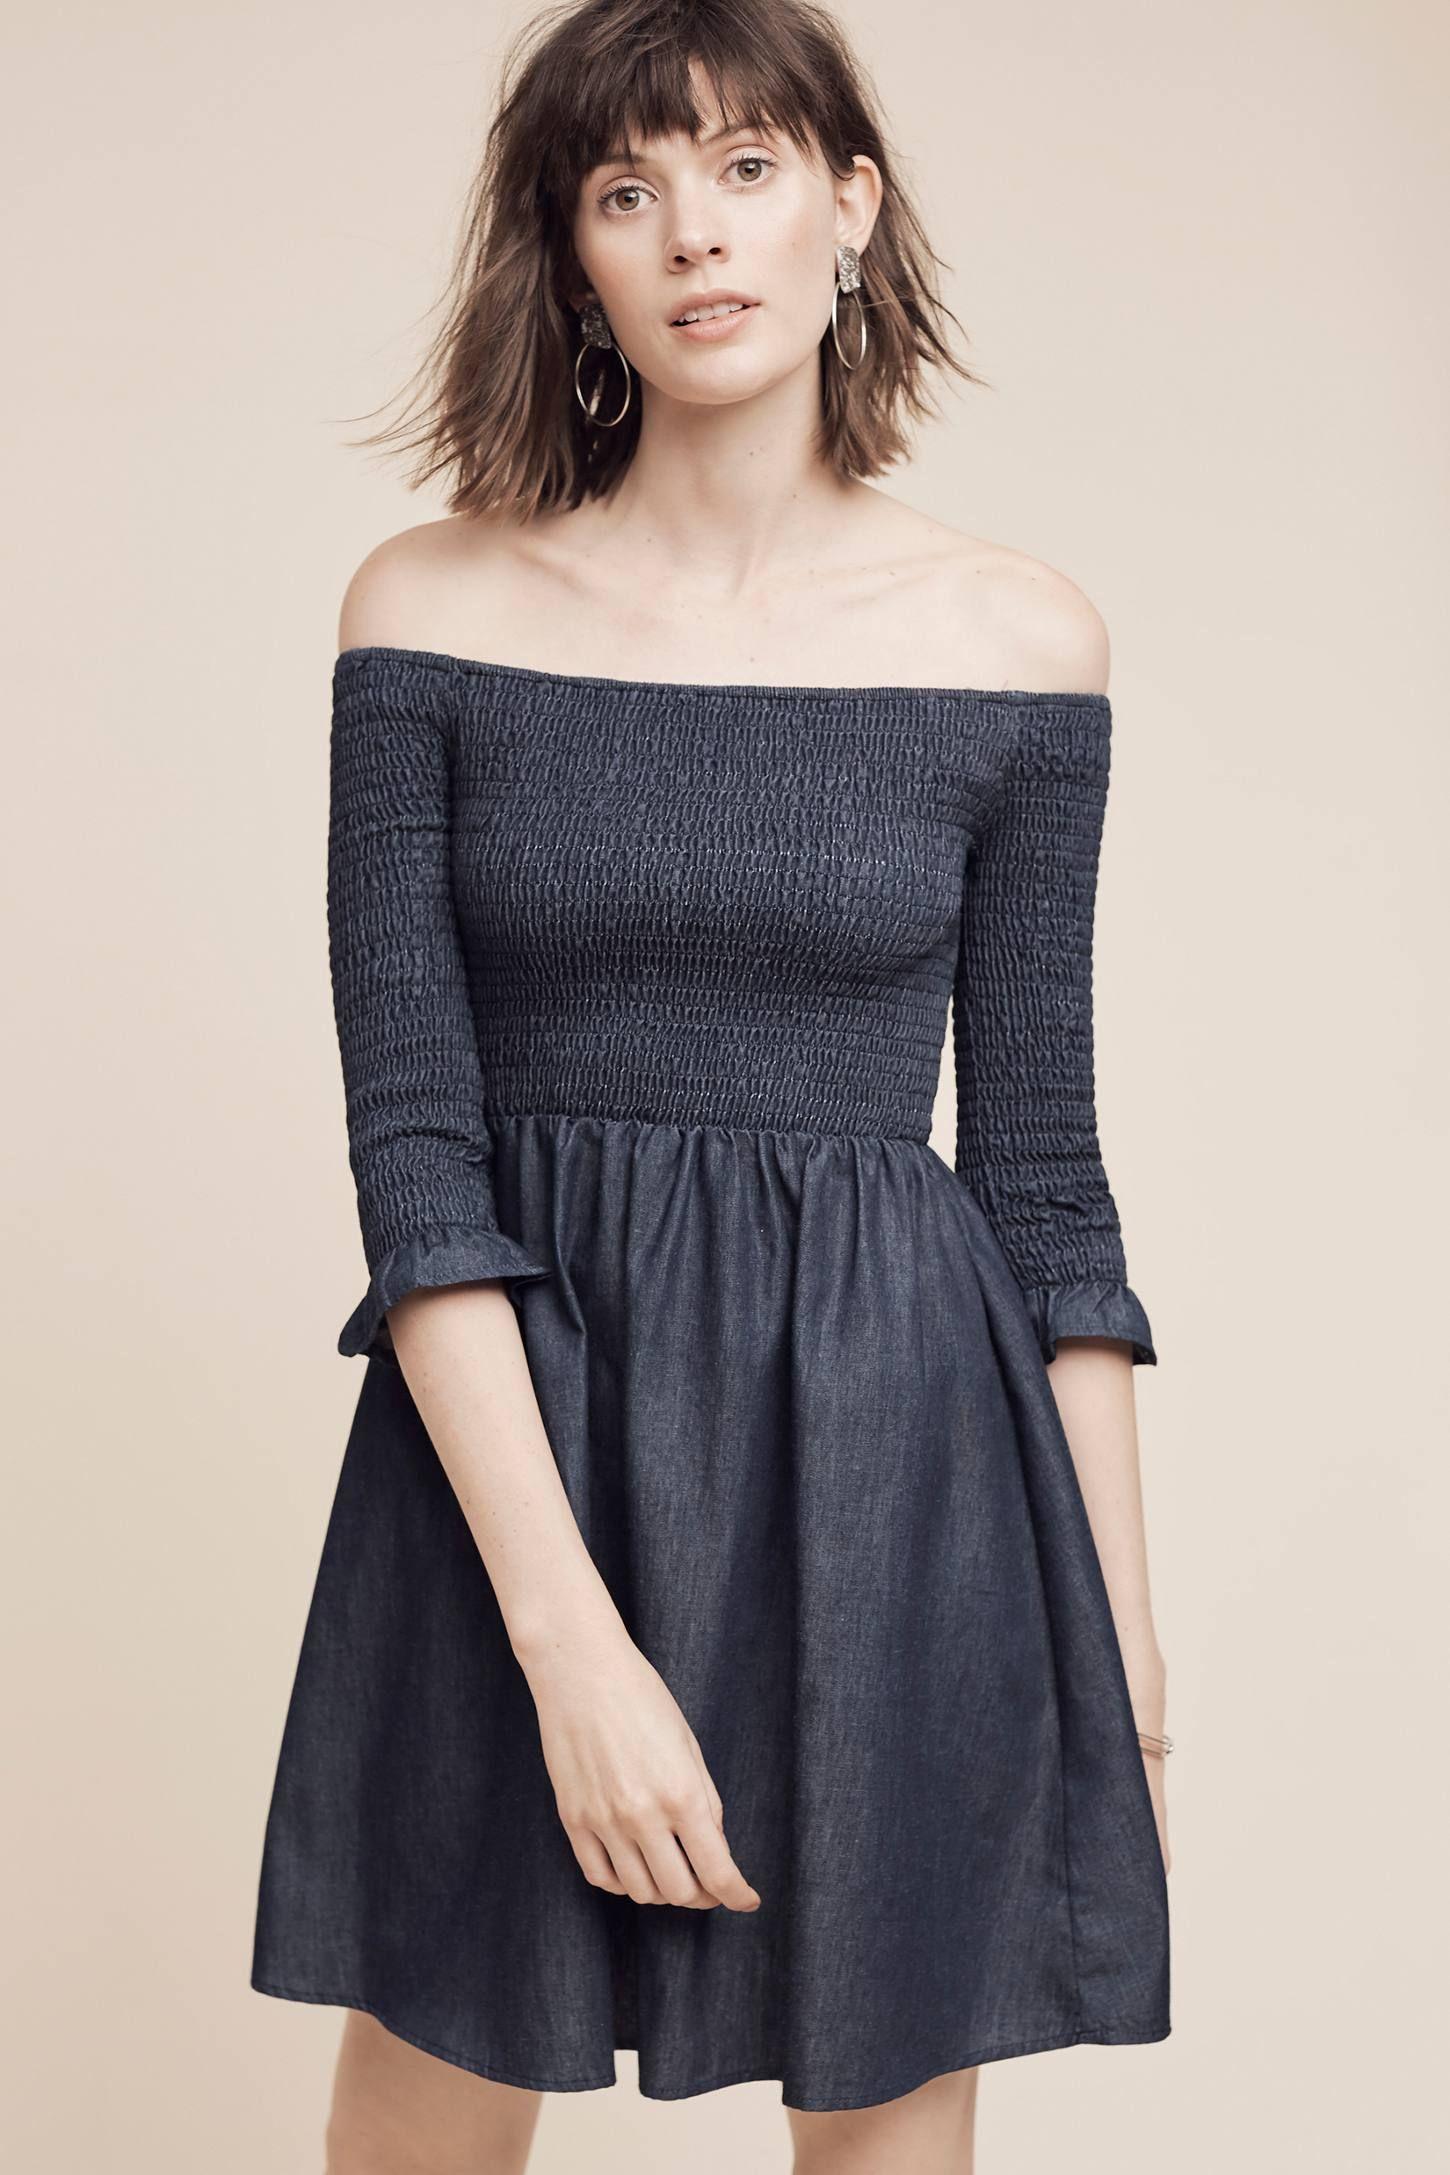 Smocked OffTheShoulder Denim Dress Dresses, Denim